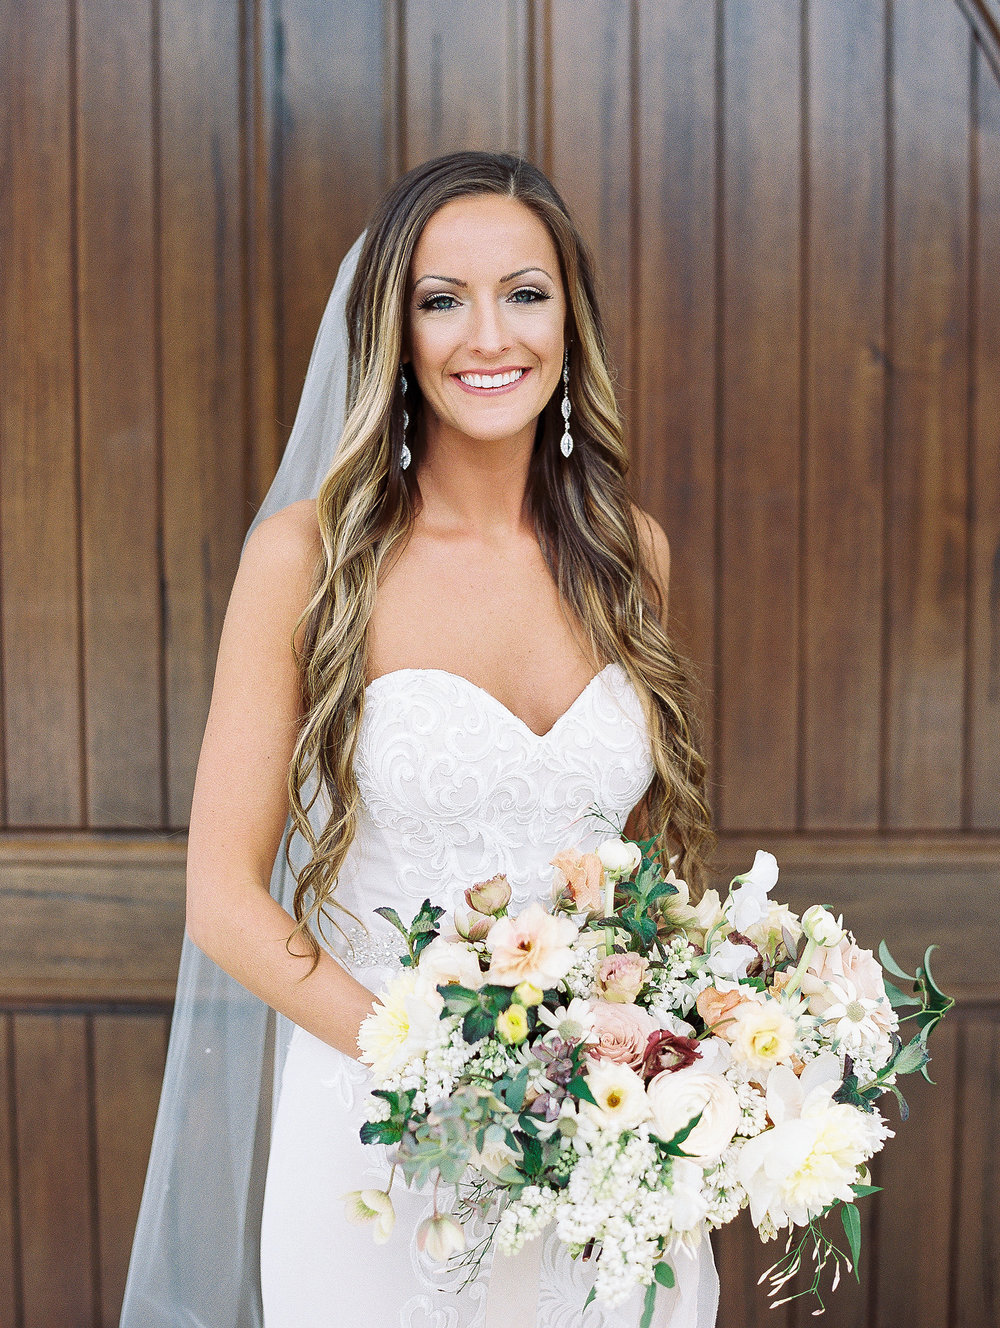 jessica-zimmerman-floral-wedding-bridal-bouquet.jpg